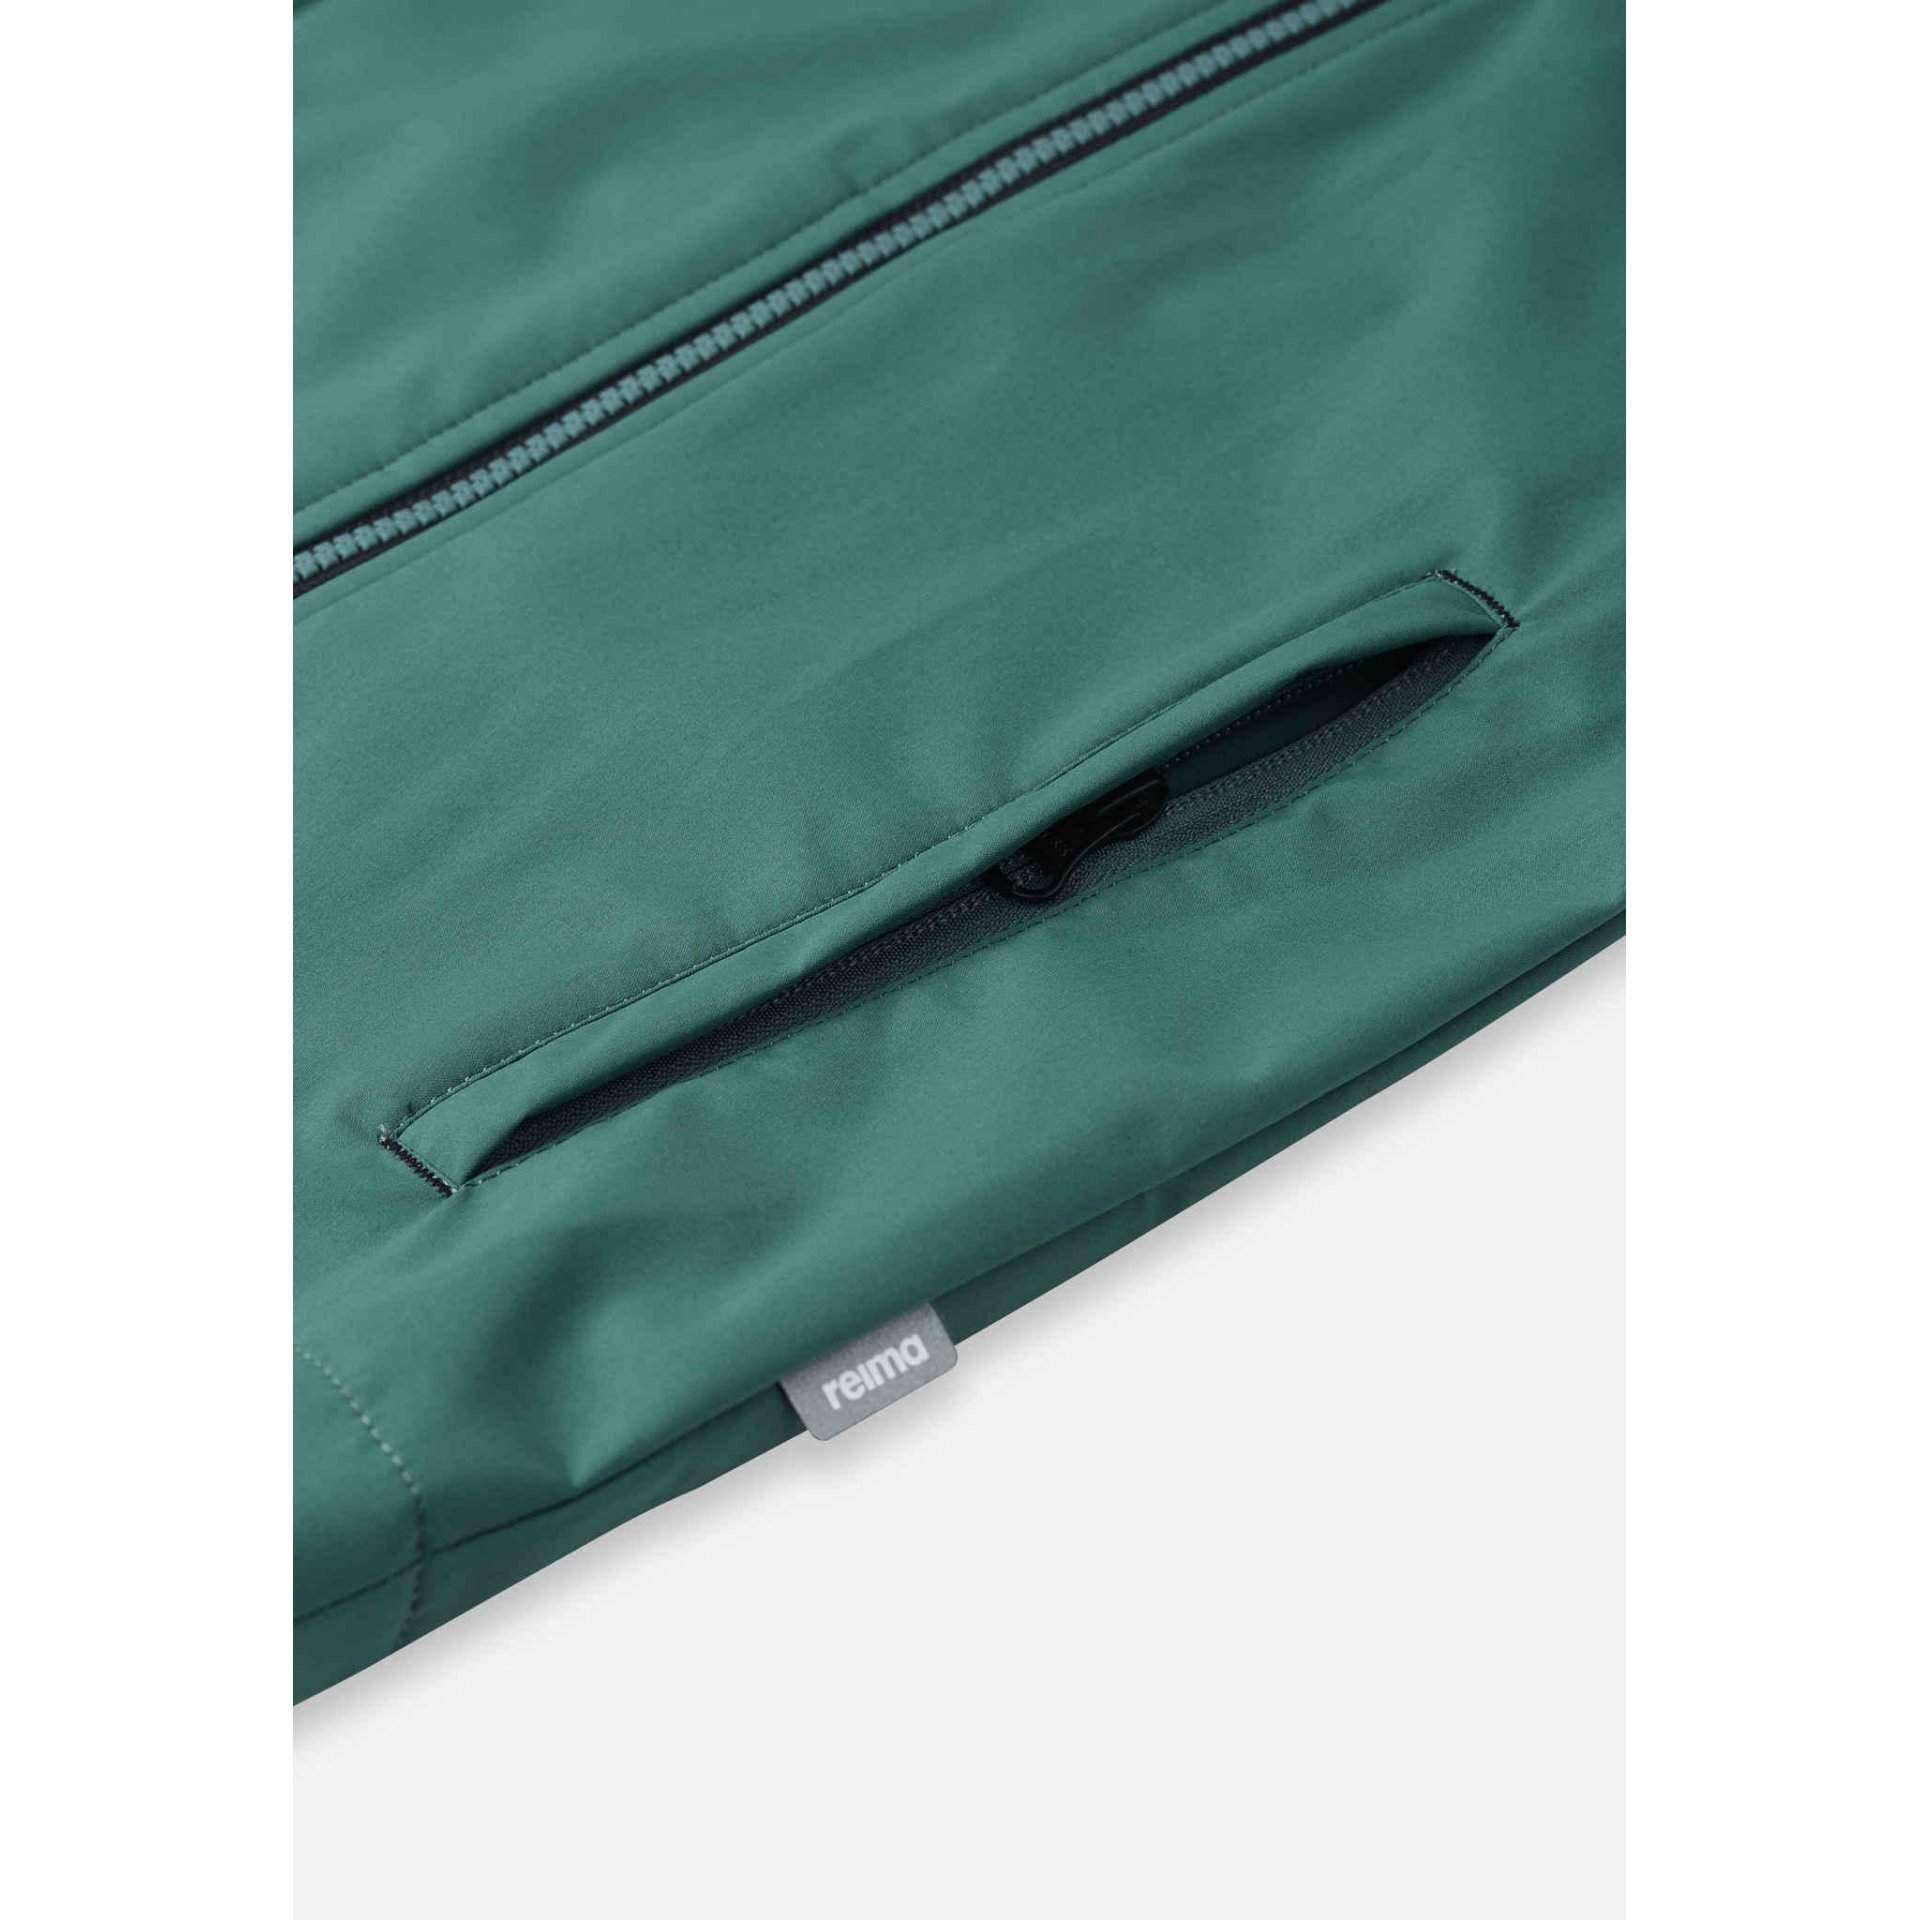 KURTKA REIMA KUOPIO 531509-8980 PINE GREEN KIESZEŃ